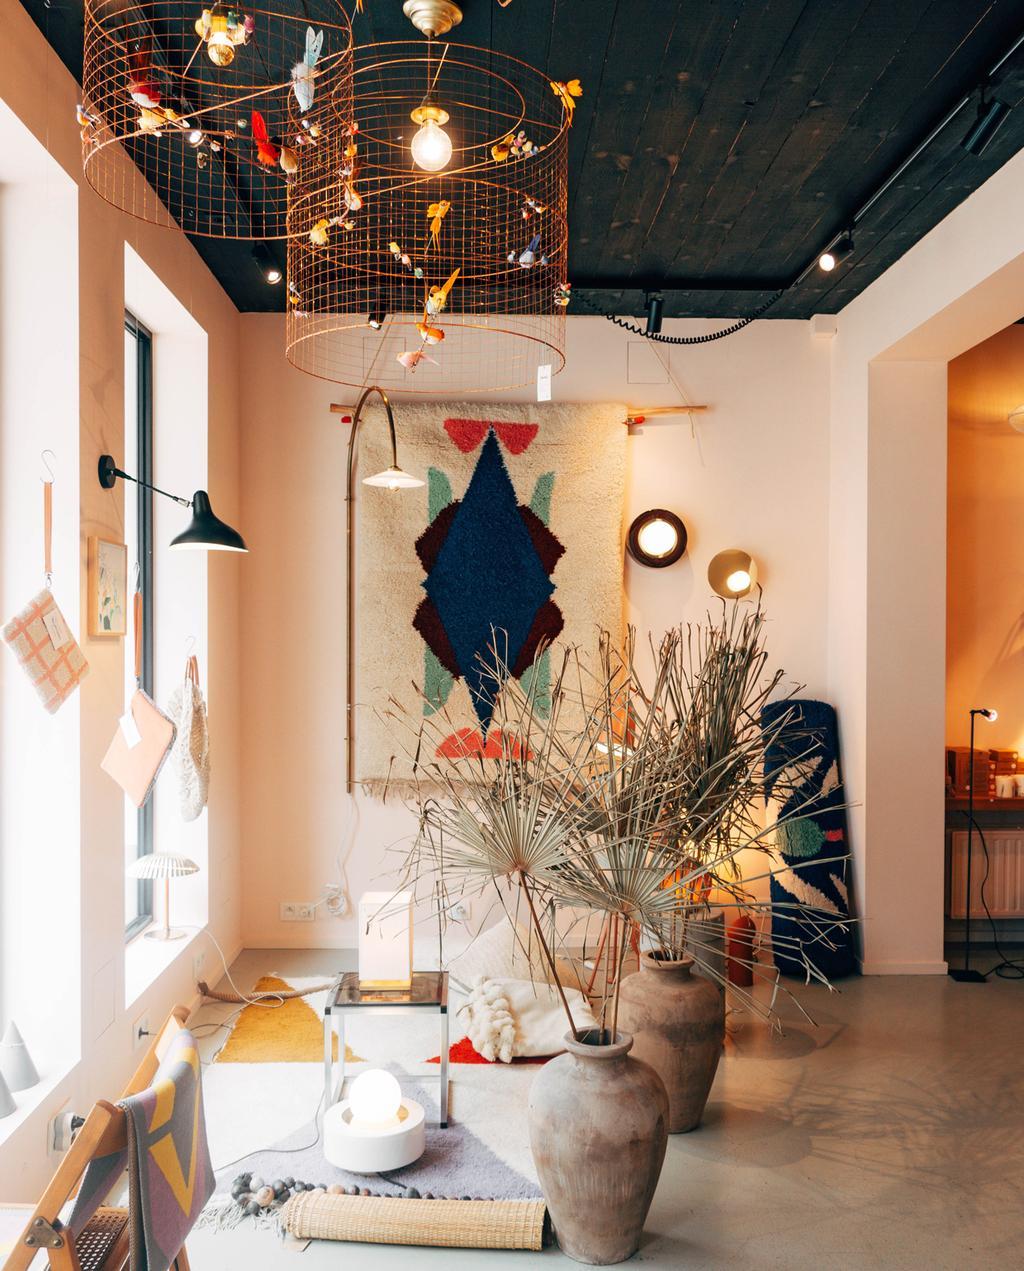 vtwonen 2-2020 | Gent lampenwinkel